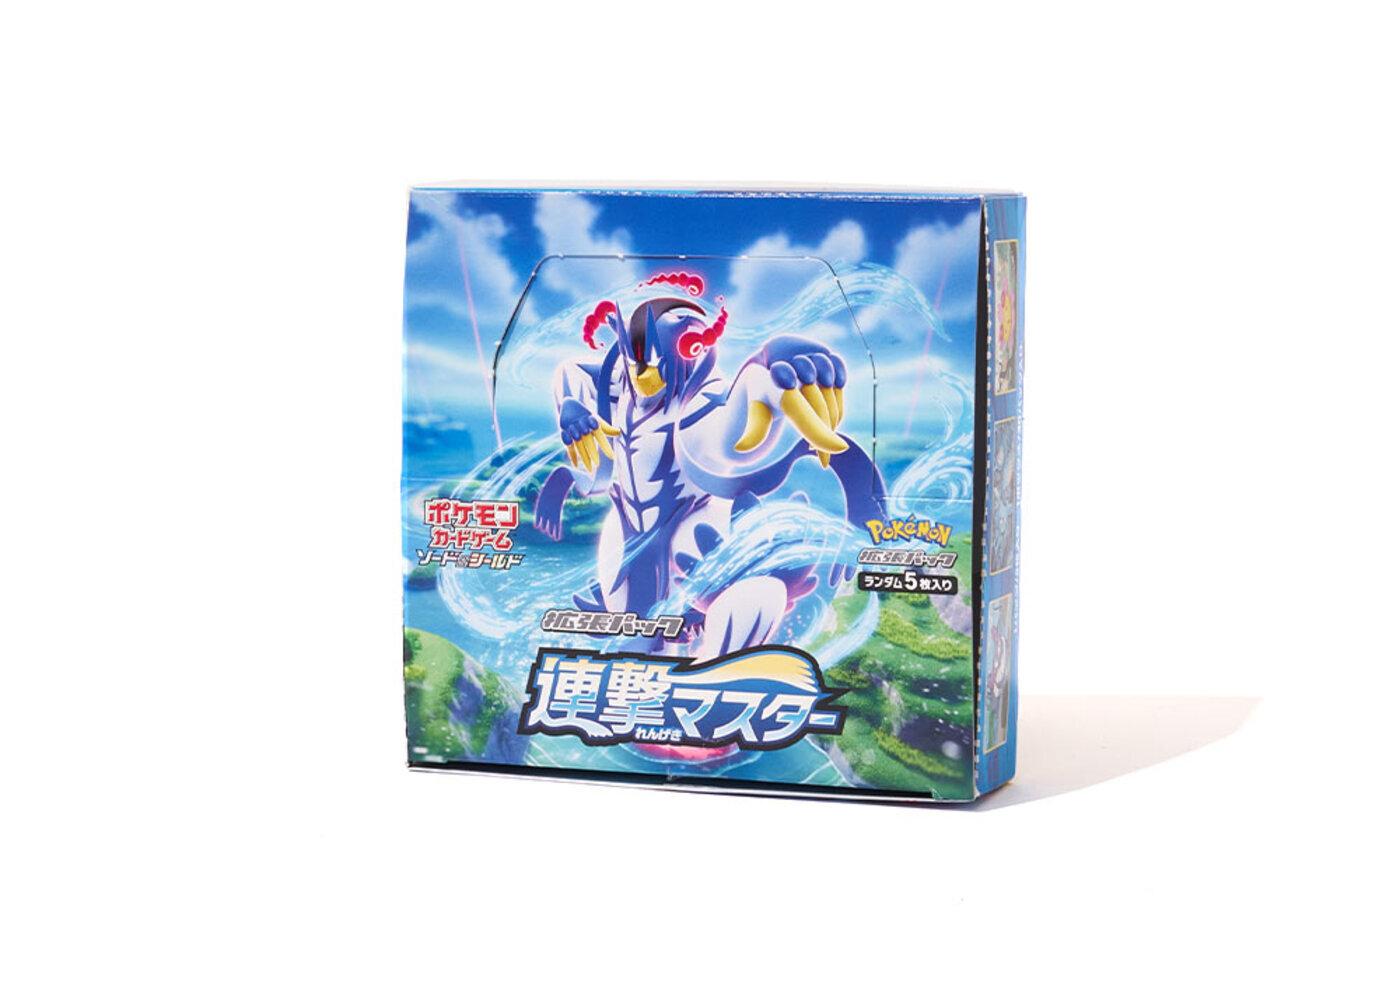 ポケモンカードゲーム ソード & シールド 拡張パック 連撃マスター の写真